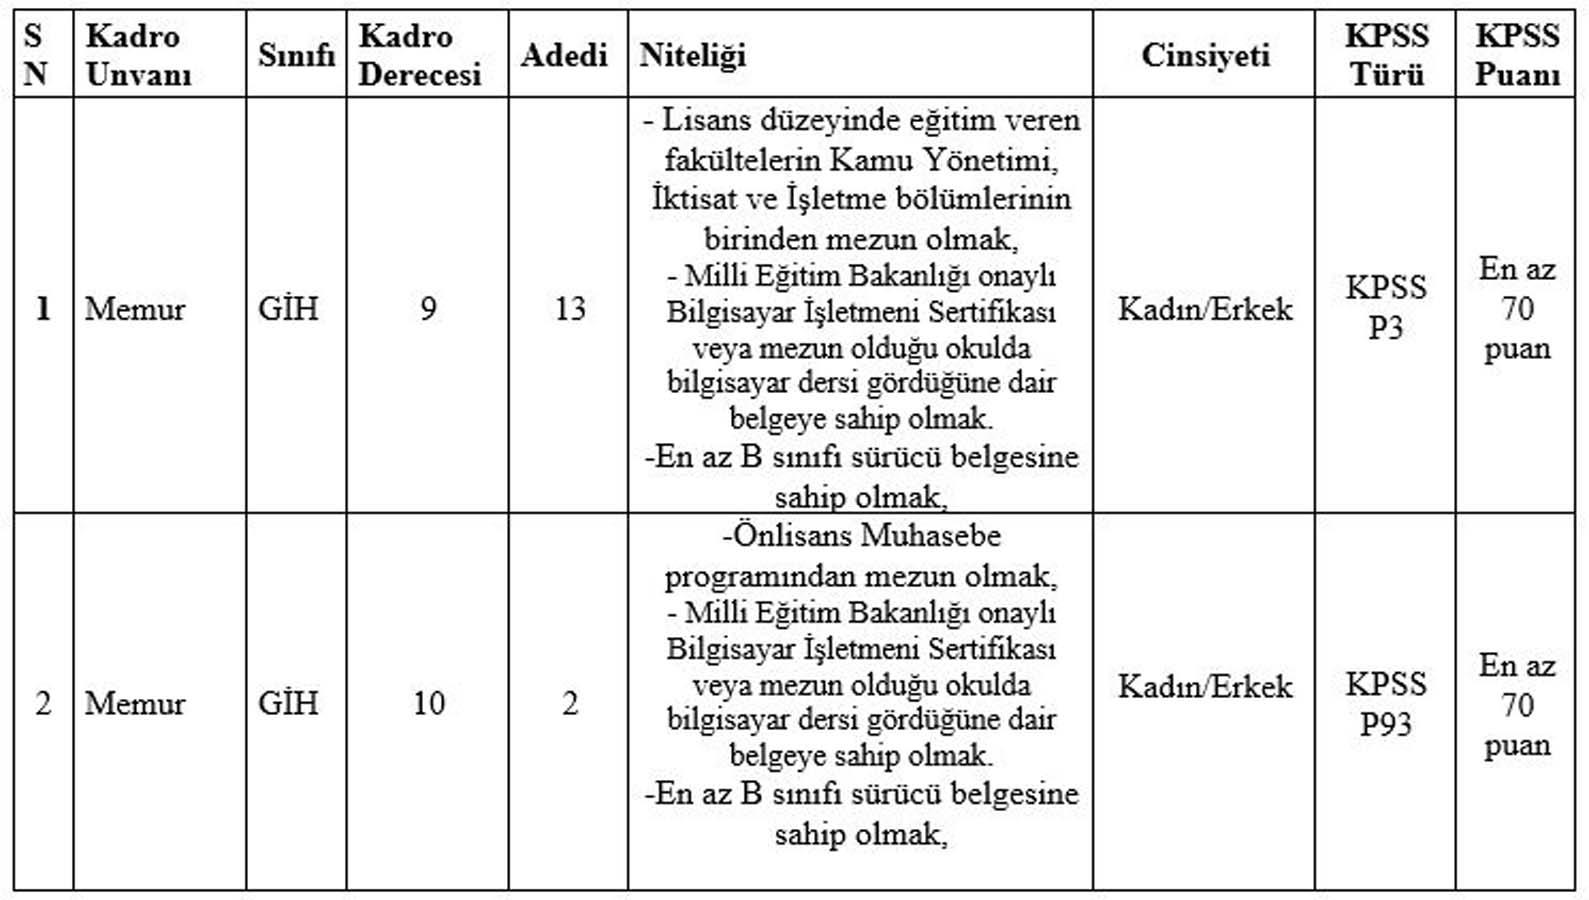 Konya Selçuklu Belediyesi memur alımı başvuruları ne zaman 2021? Konya Selçuklu Belediyesi 15 memur alımı başvuru şartları neler?